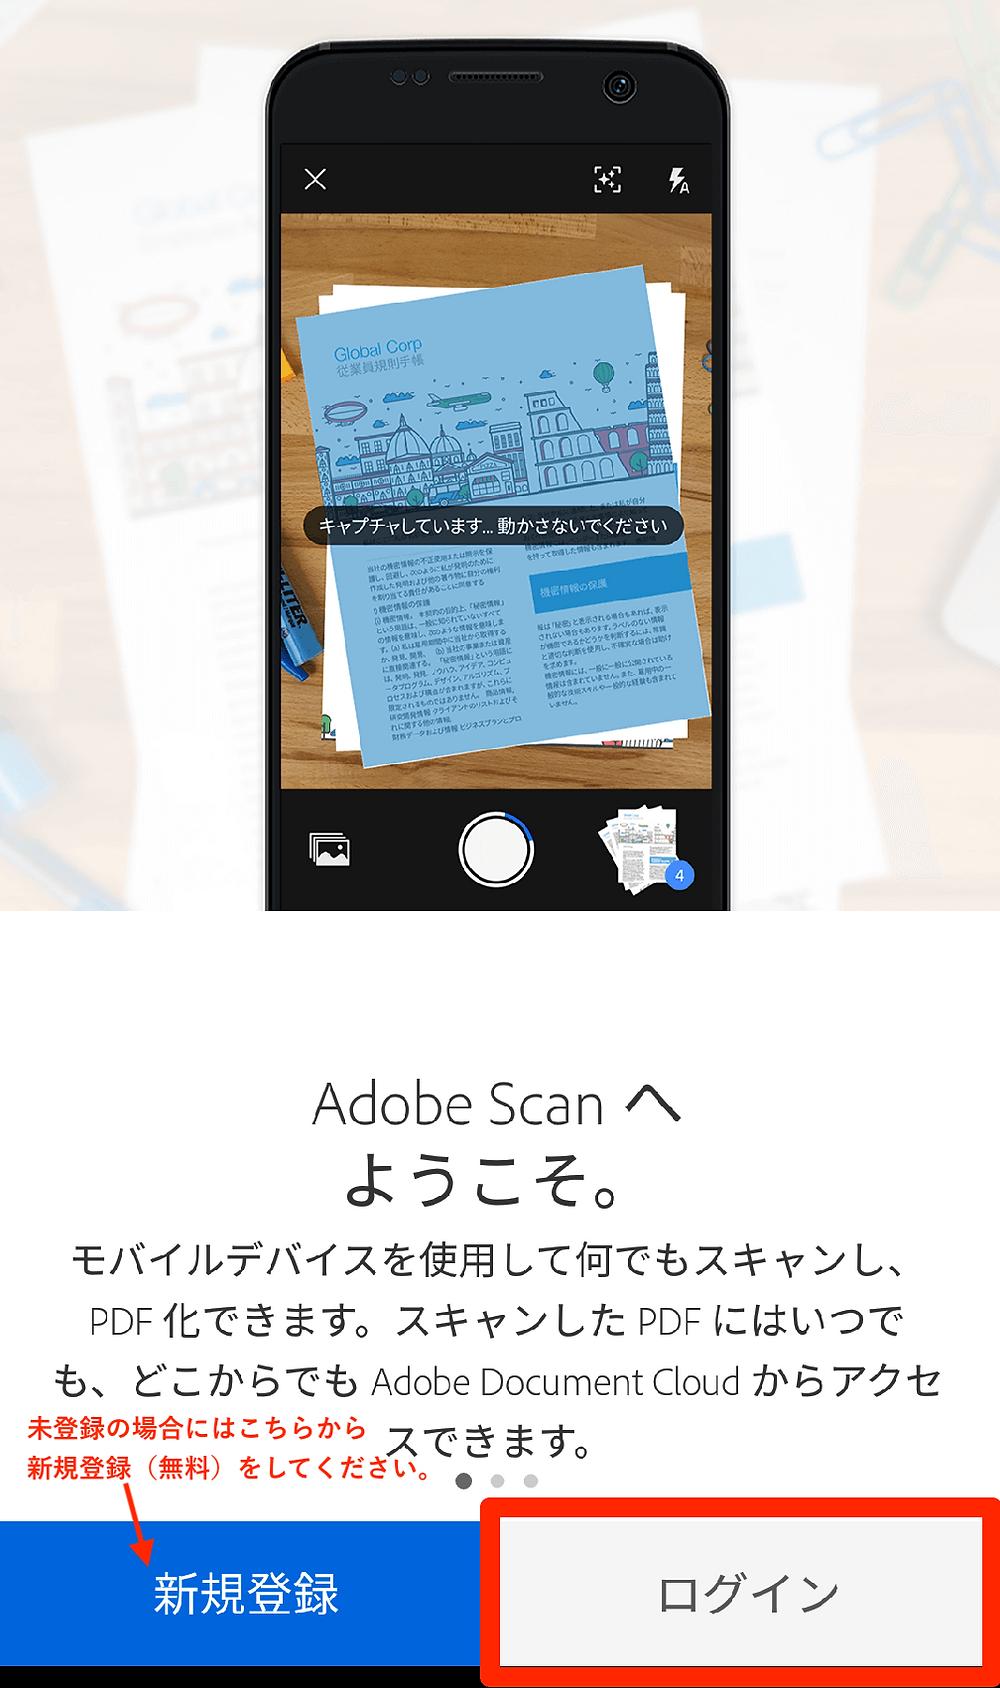 Adobe Scan使用にはAdobe IDの登録が必要